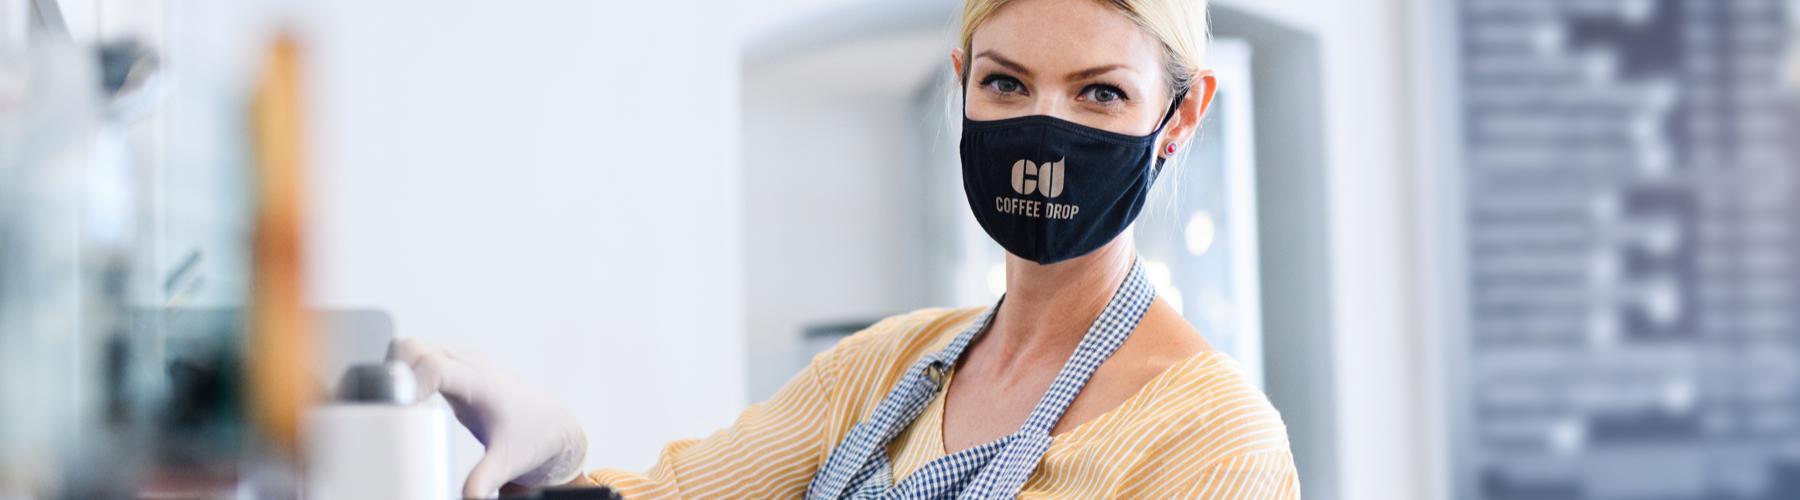 Coronavirus : Le guide ultime pour rouvrir son entreprise en sécurité !